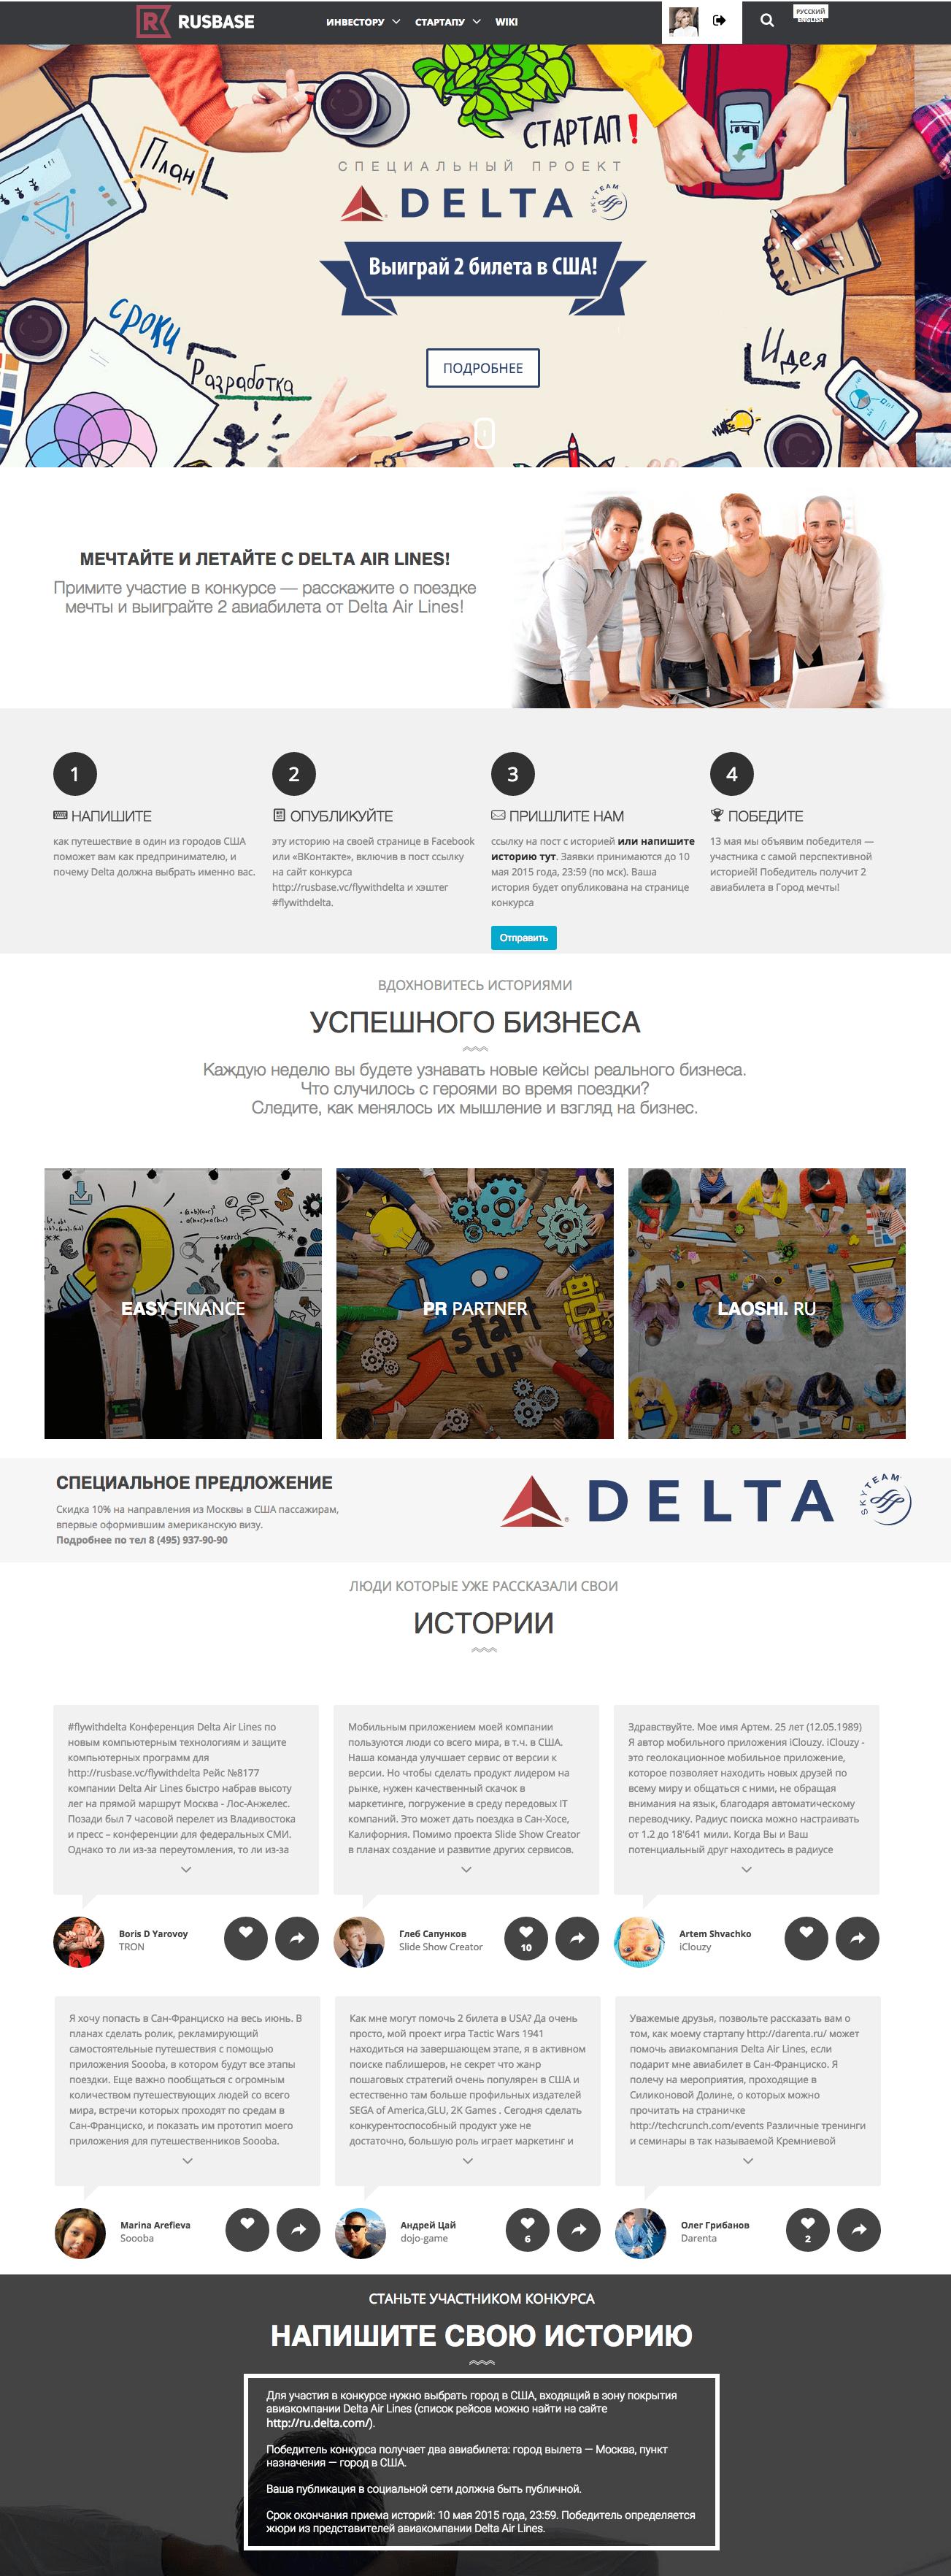 Мой бизнес и Delta